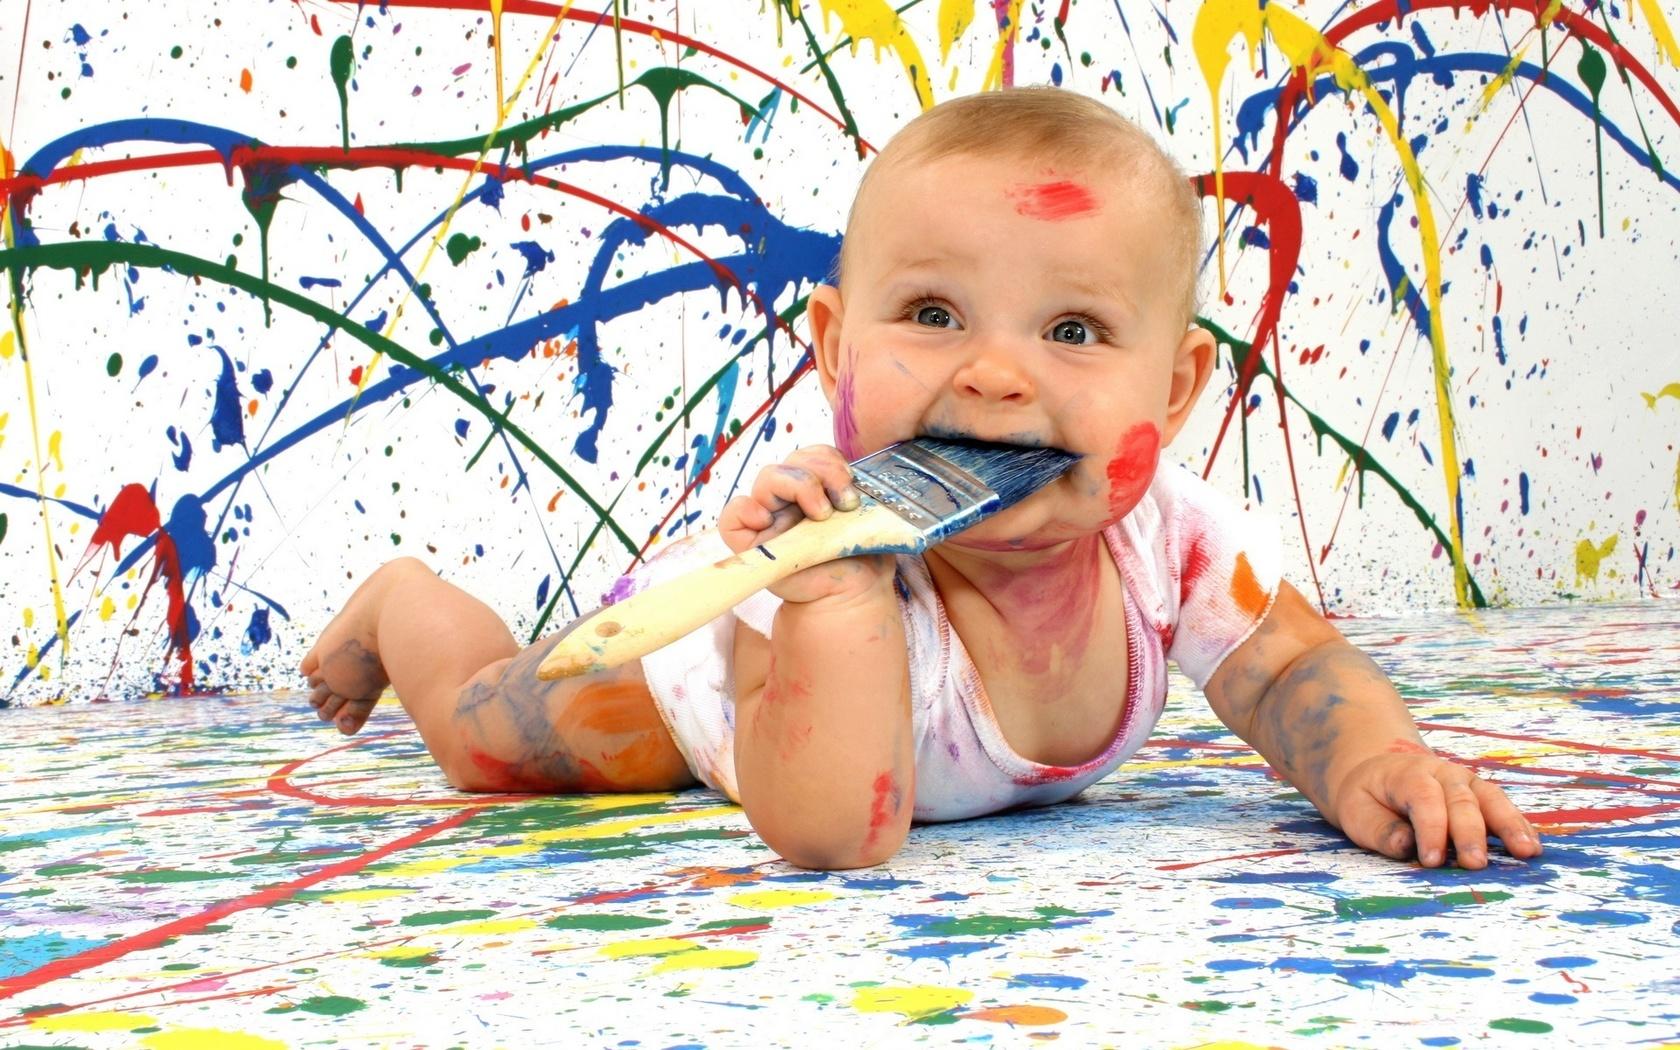 Çocuk memnun ve mutlu çocuklar fotoğraf 1680x1050 çocuklar